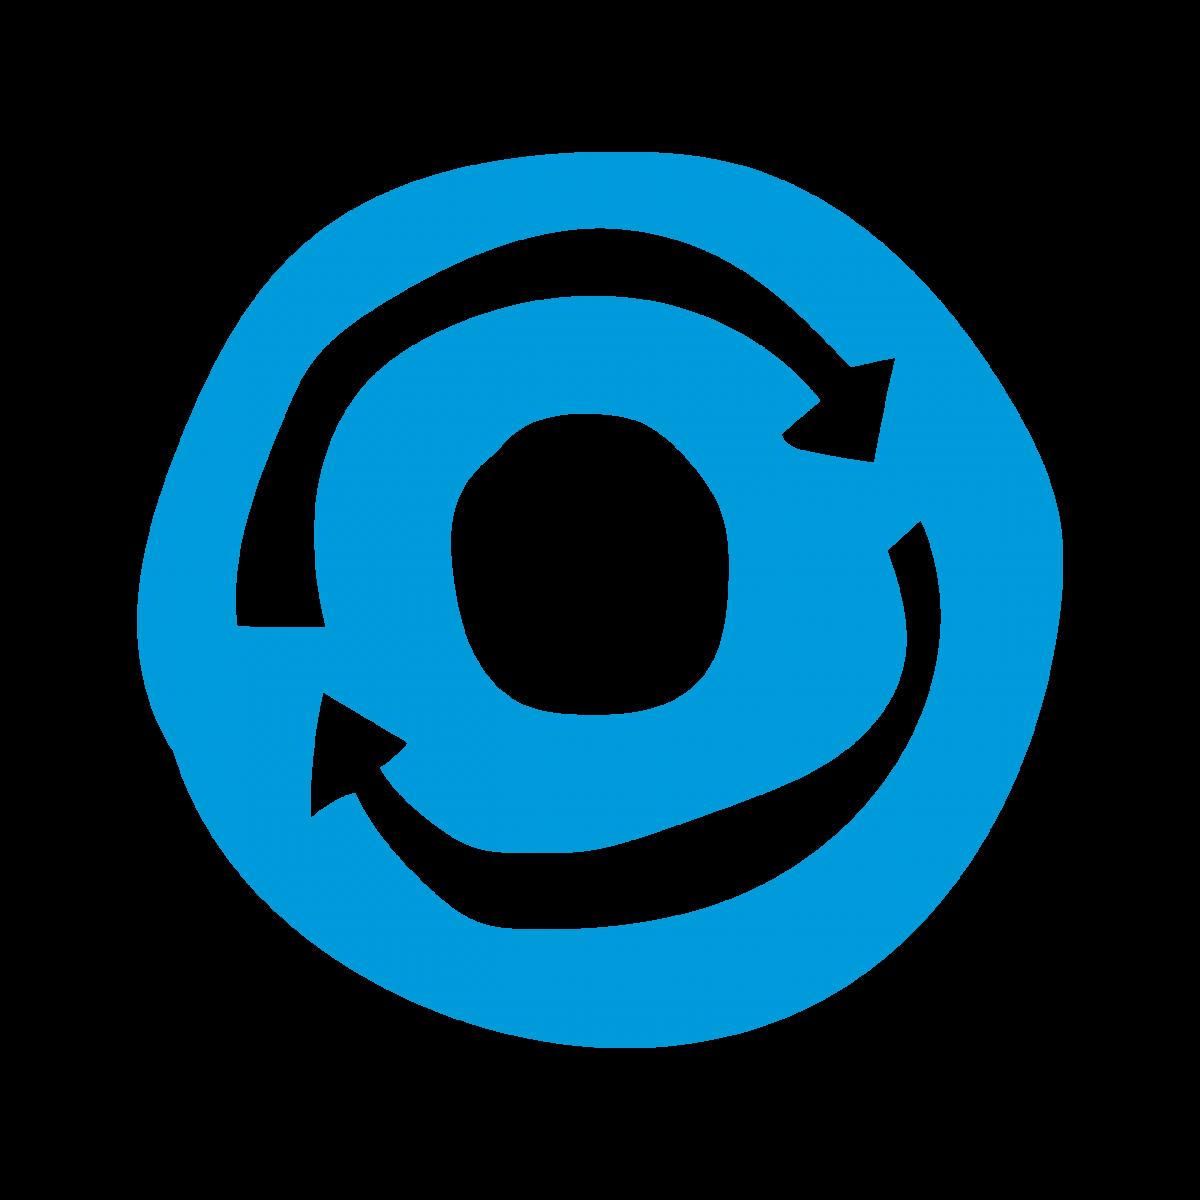 CE icon